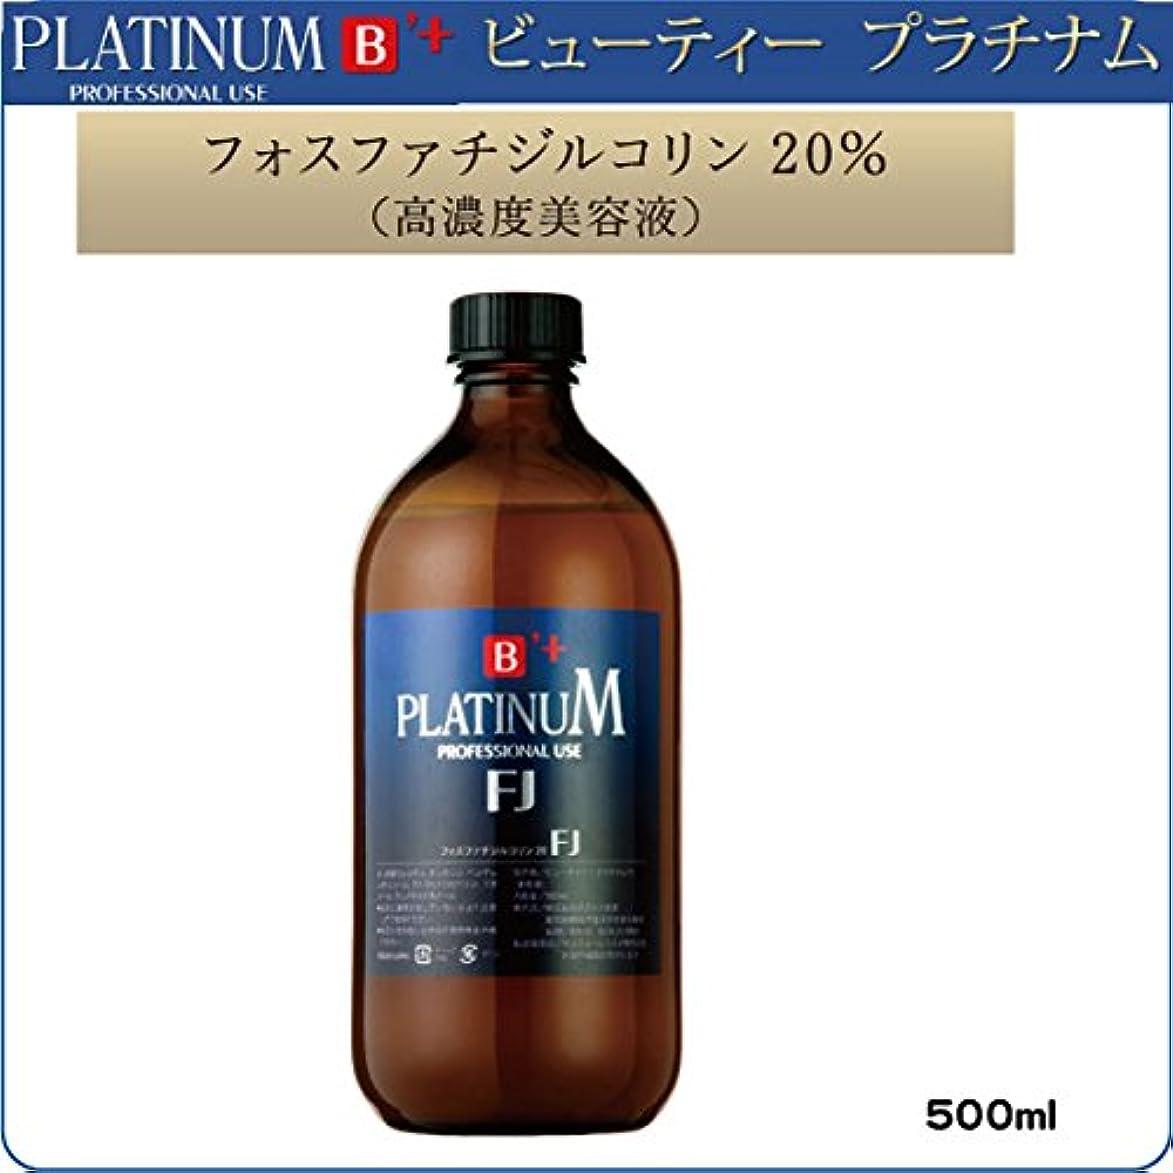 交通リズミカルな極めて【ビューティー プラチナム】 PLATINUM B'+  フォスファチジルコリン20%高濃度美容液  痩身専用:500ml